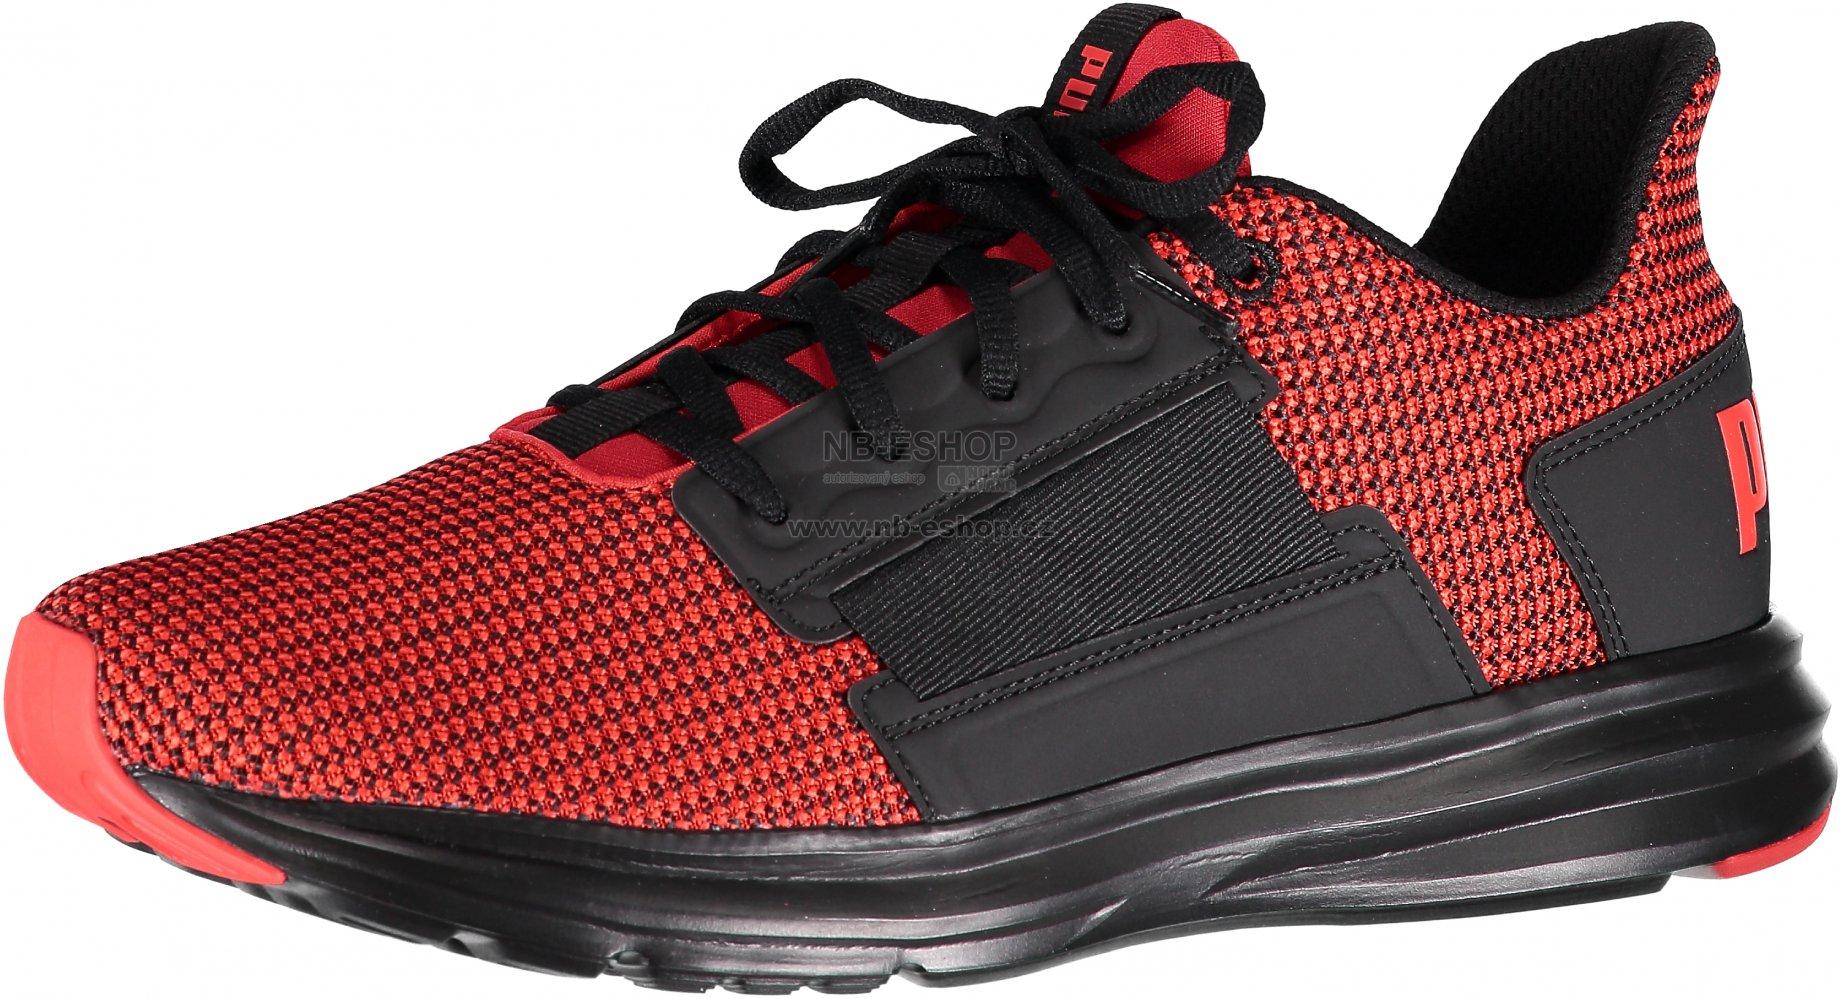 9053be5943e Pánská běžecká obuv PUMA ENZO STREET KNIT 19046502 FLAME SCARLET PUMA BLACK